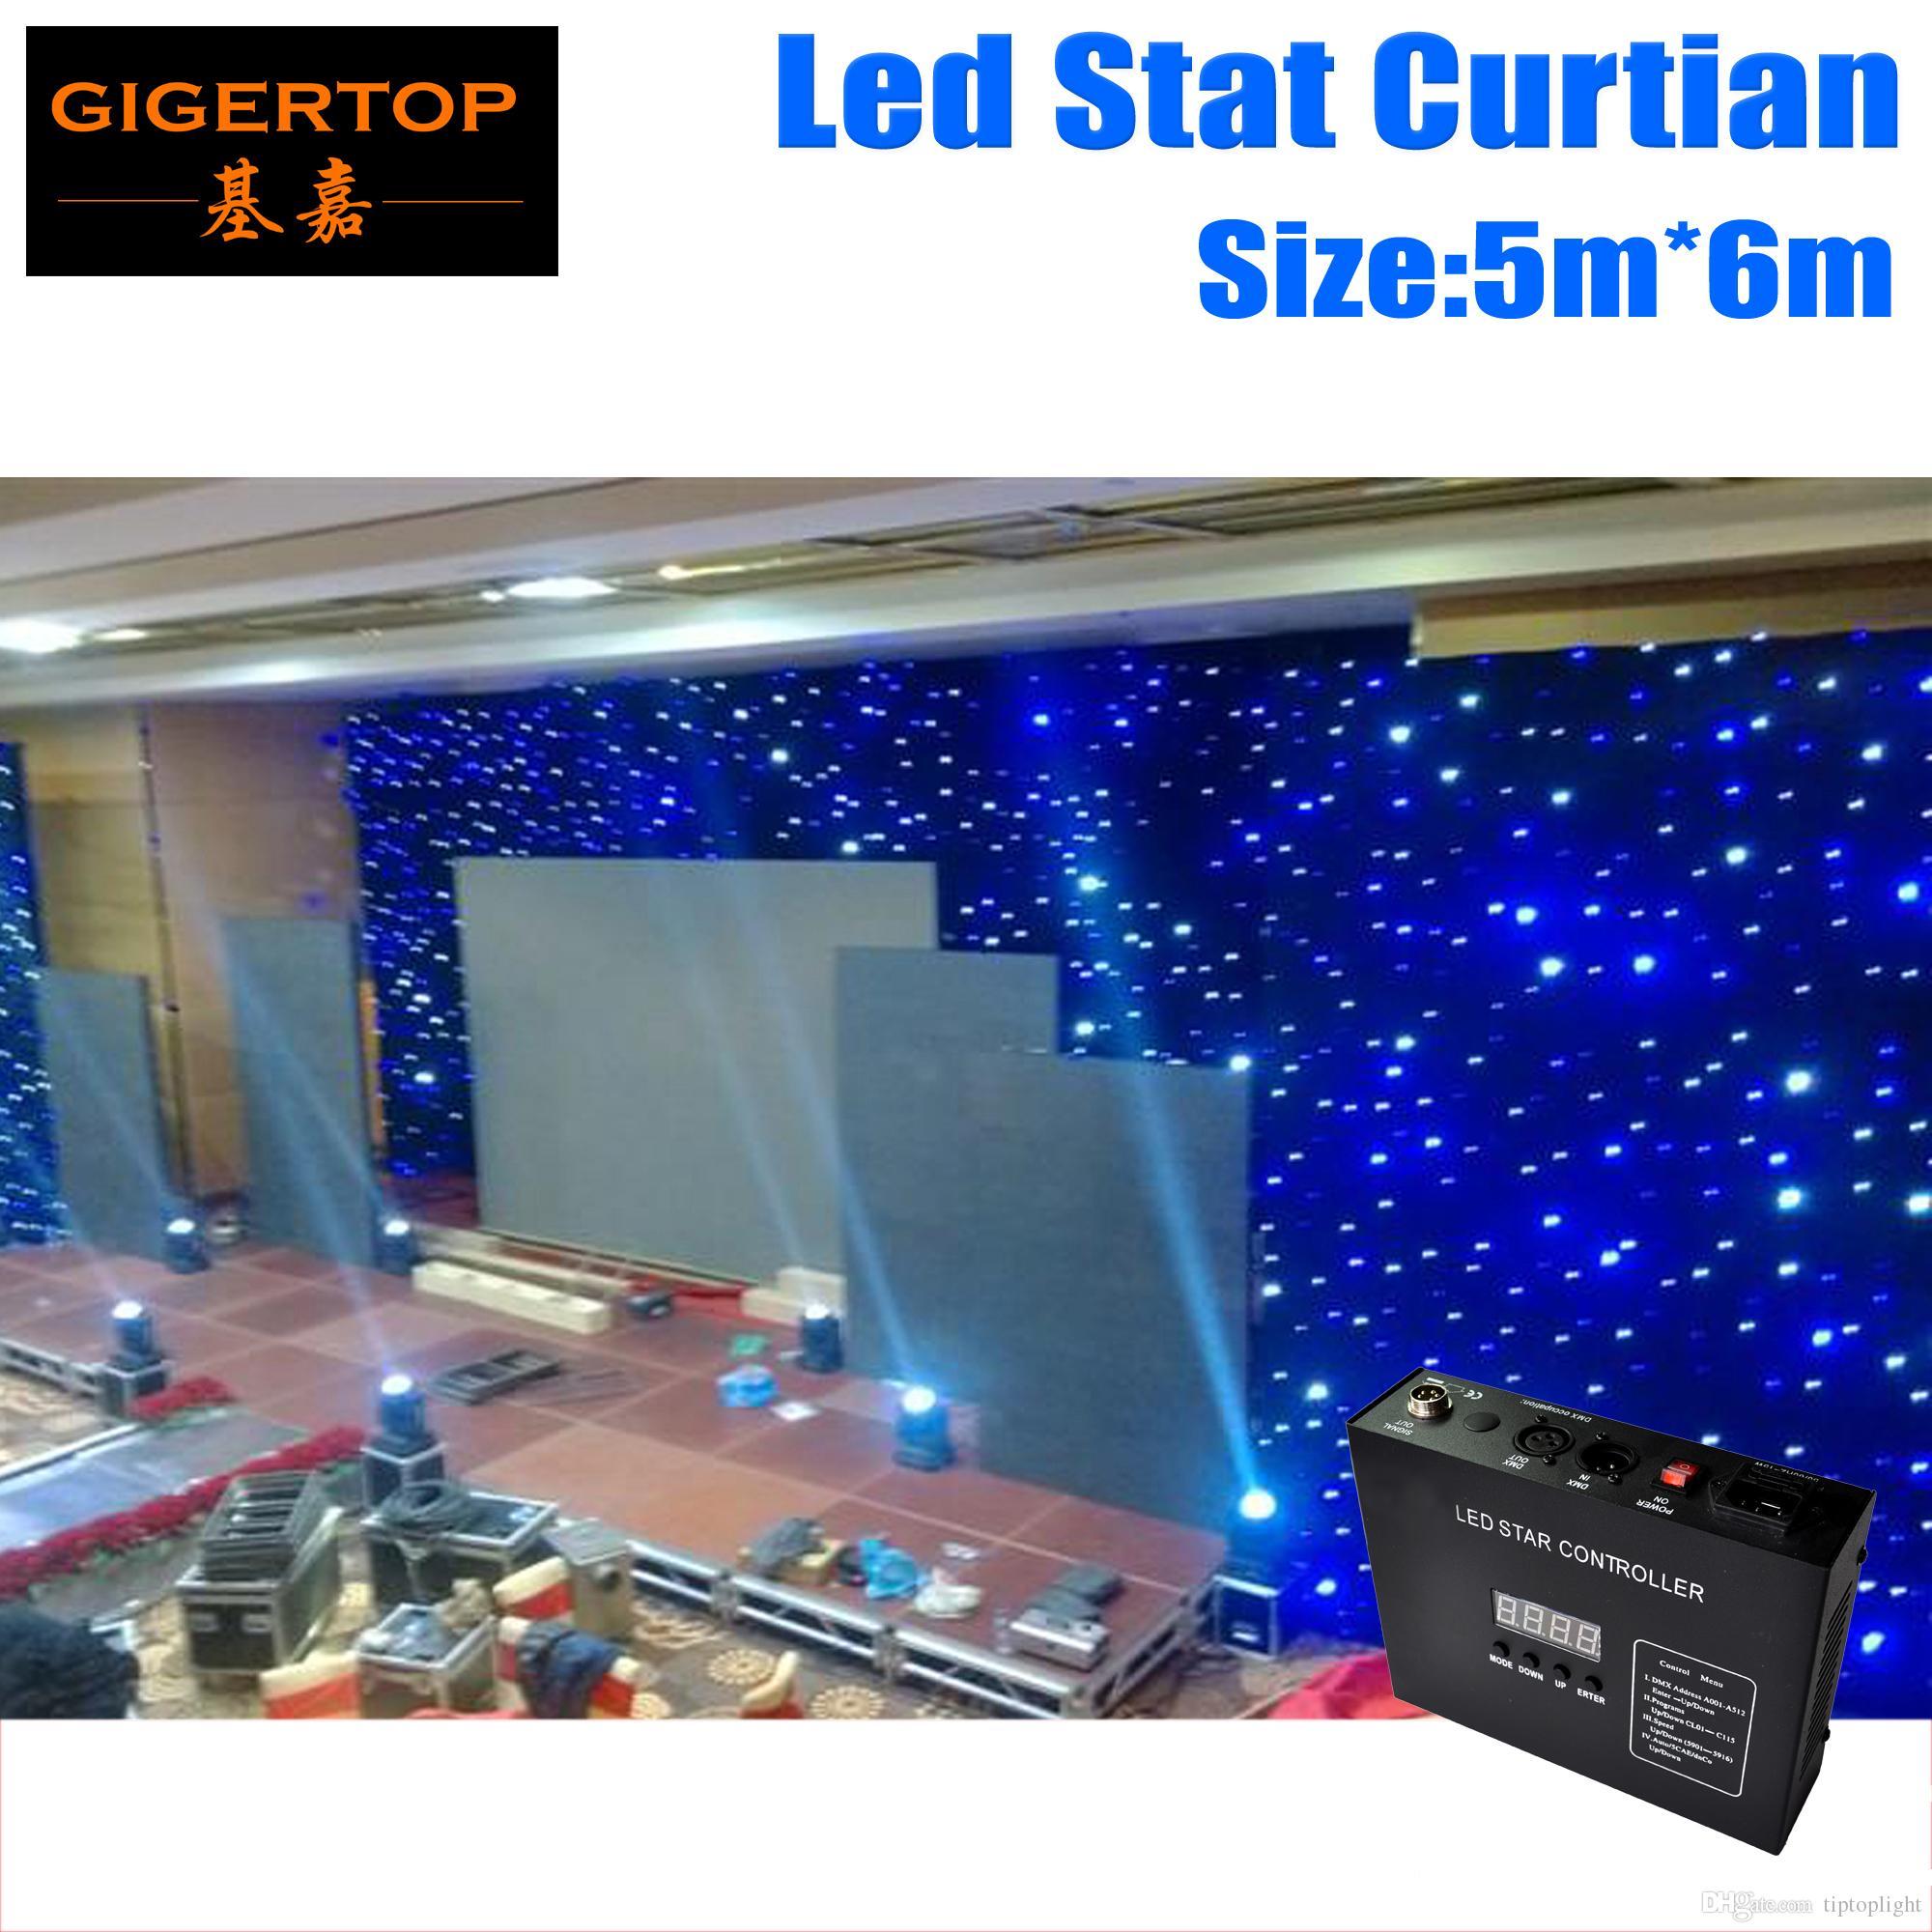 Freeshipping 5 м*6 м led звезда ткань этап фон заказ индивидуальные светодиодные фоны занавес экрана пиксель шаг индивидуальные 5 мм RGB полный цвет